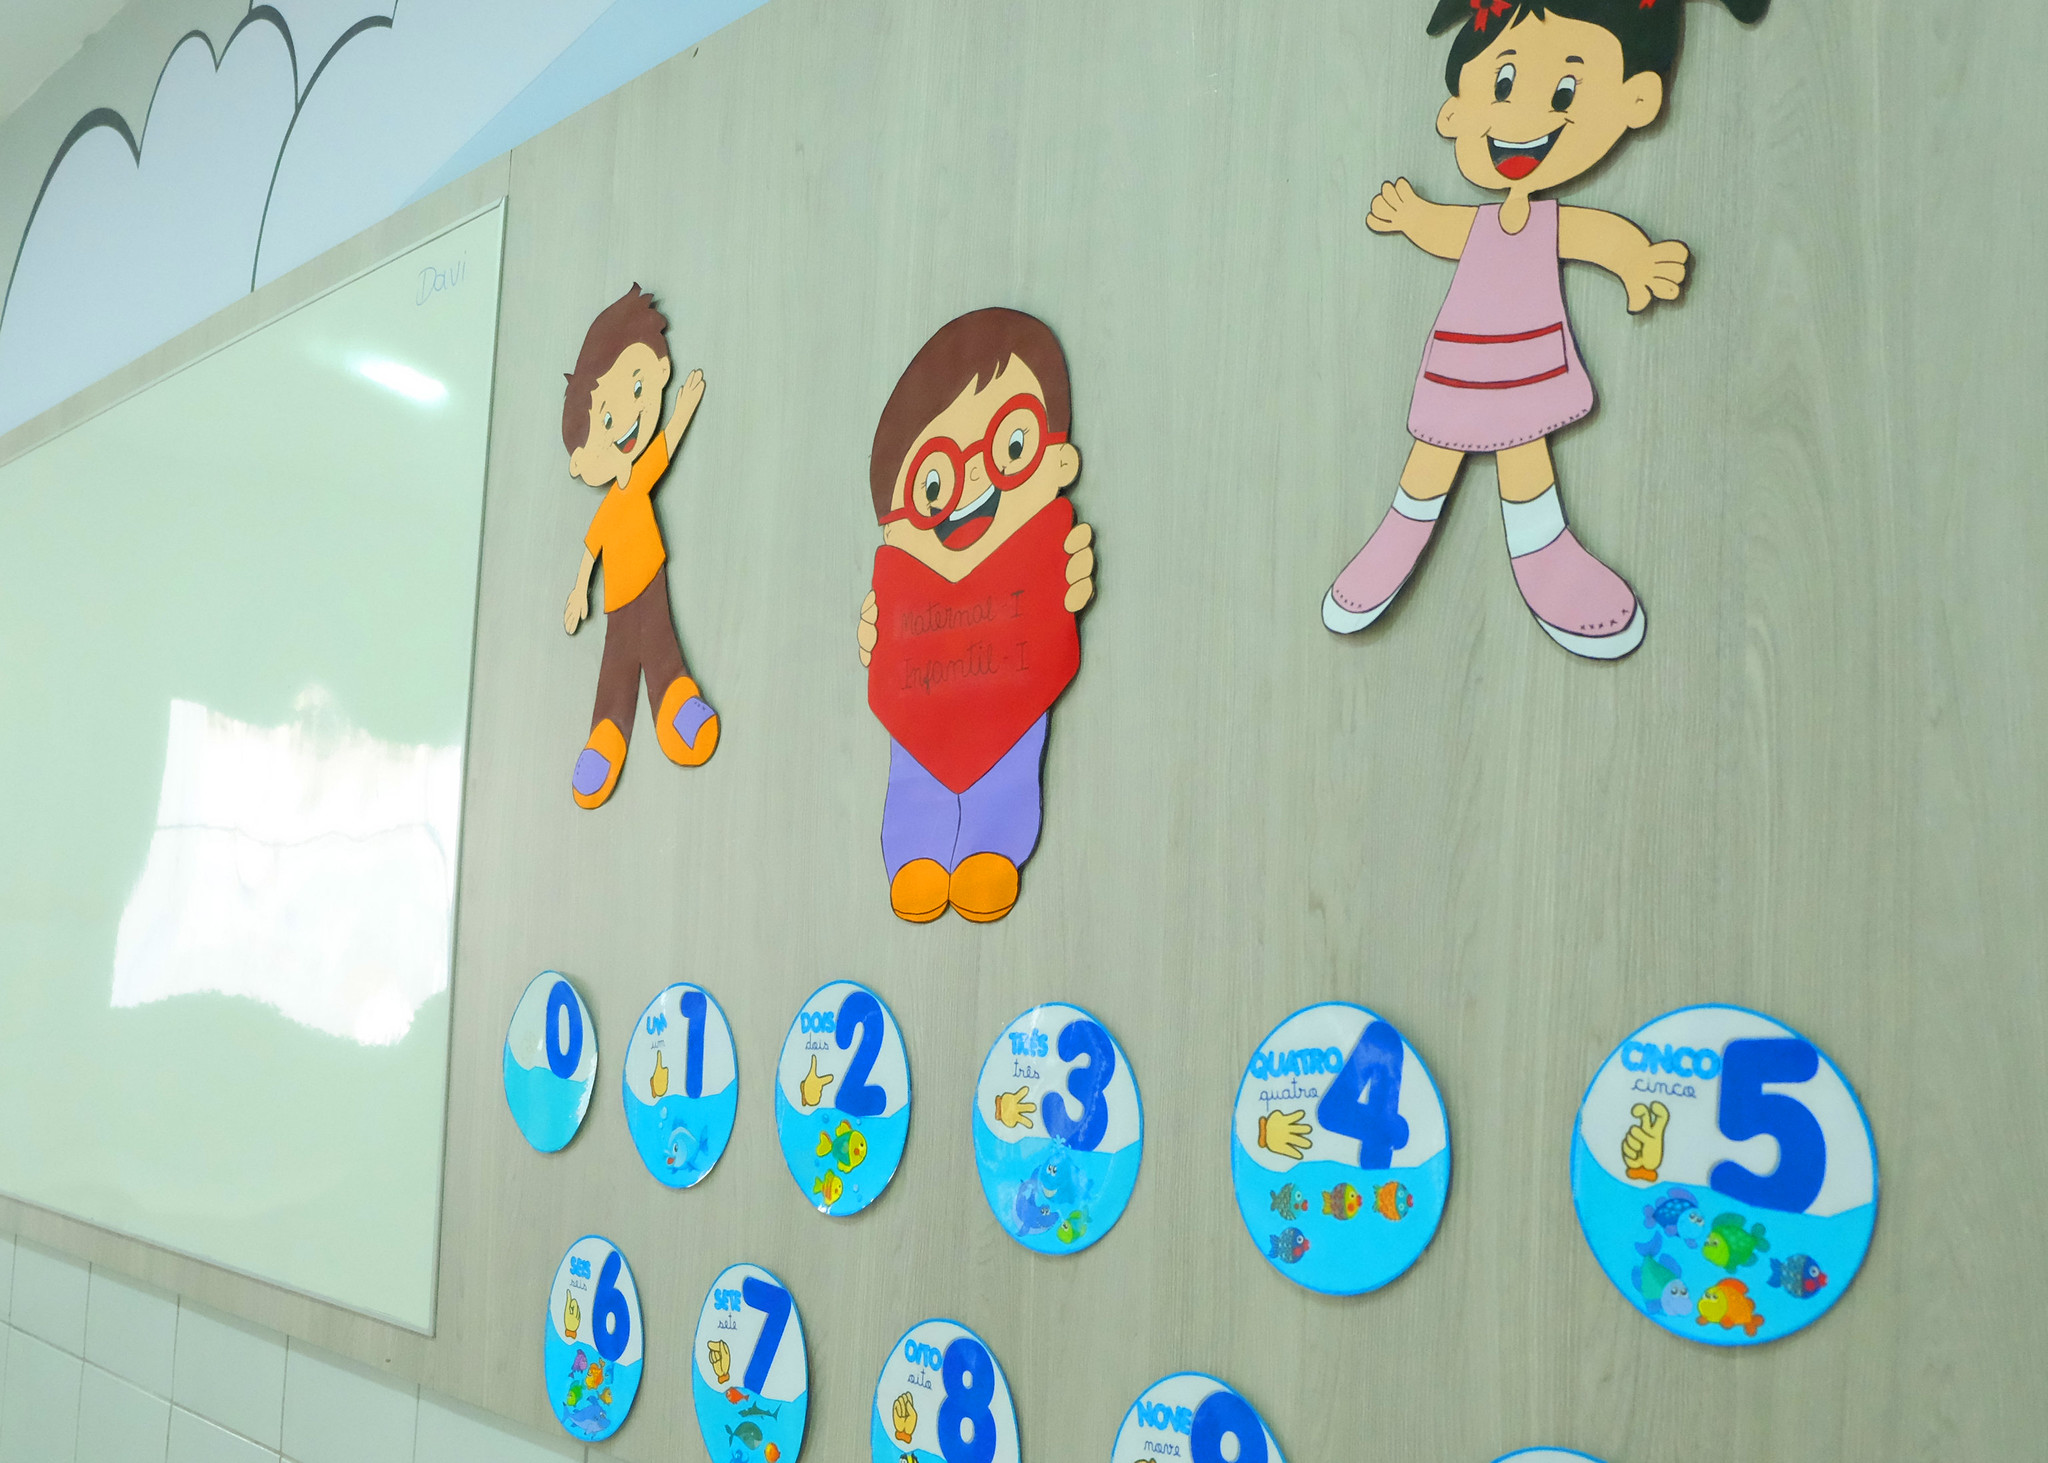 Sistema de Avaliação do Inep inclui Educação Infantil na edição deste ano